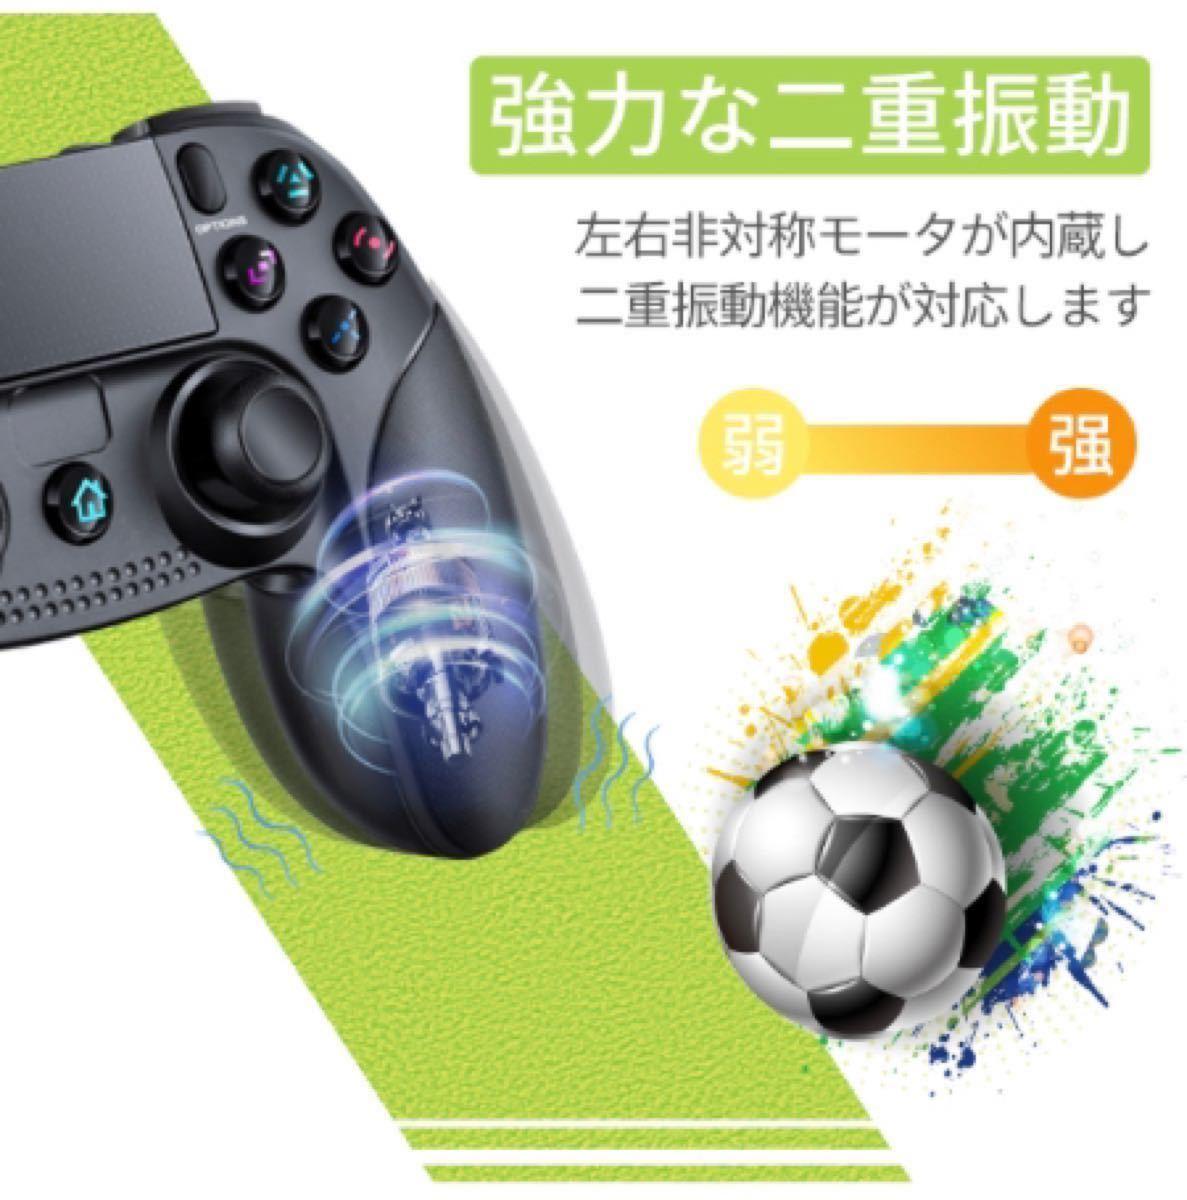 PS4 コントローラー 有線接続・振動機能・人間工学・最新版システム対応・USB接続・PC対応・ゲームコントローラー